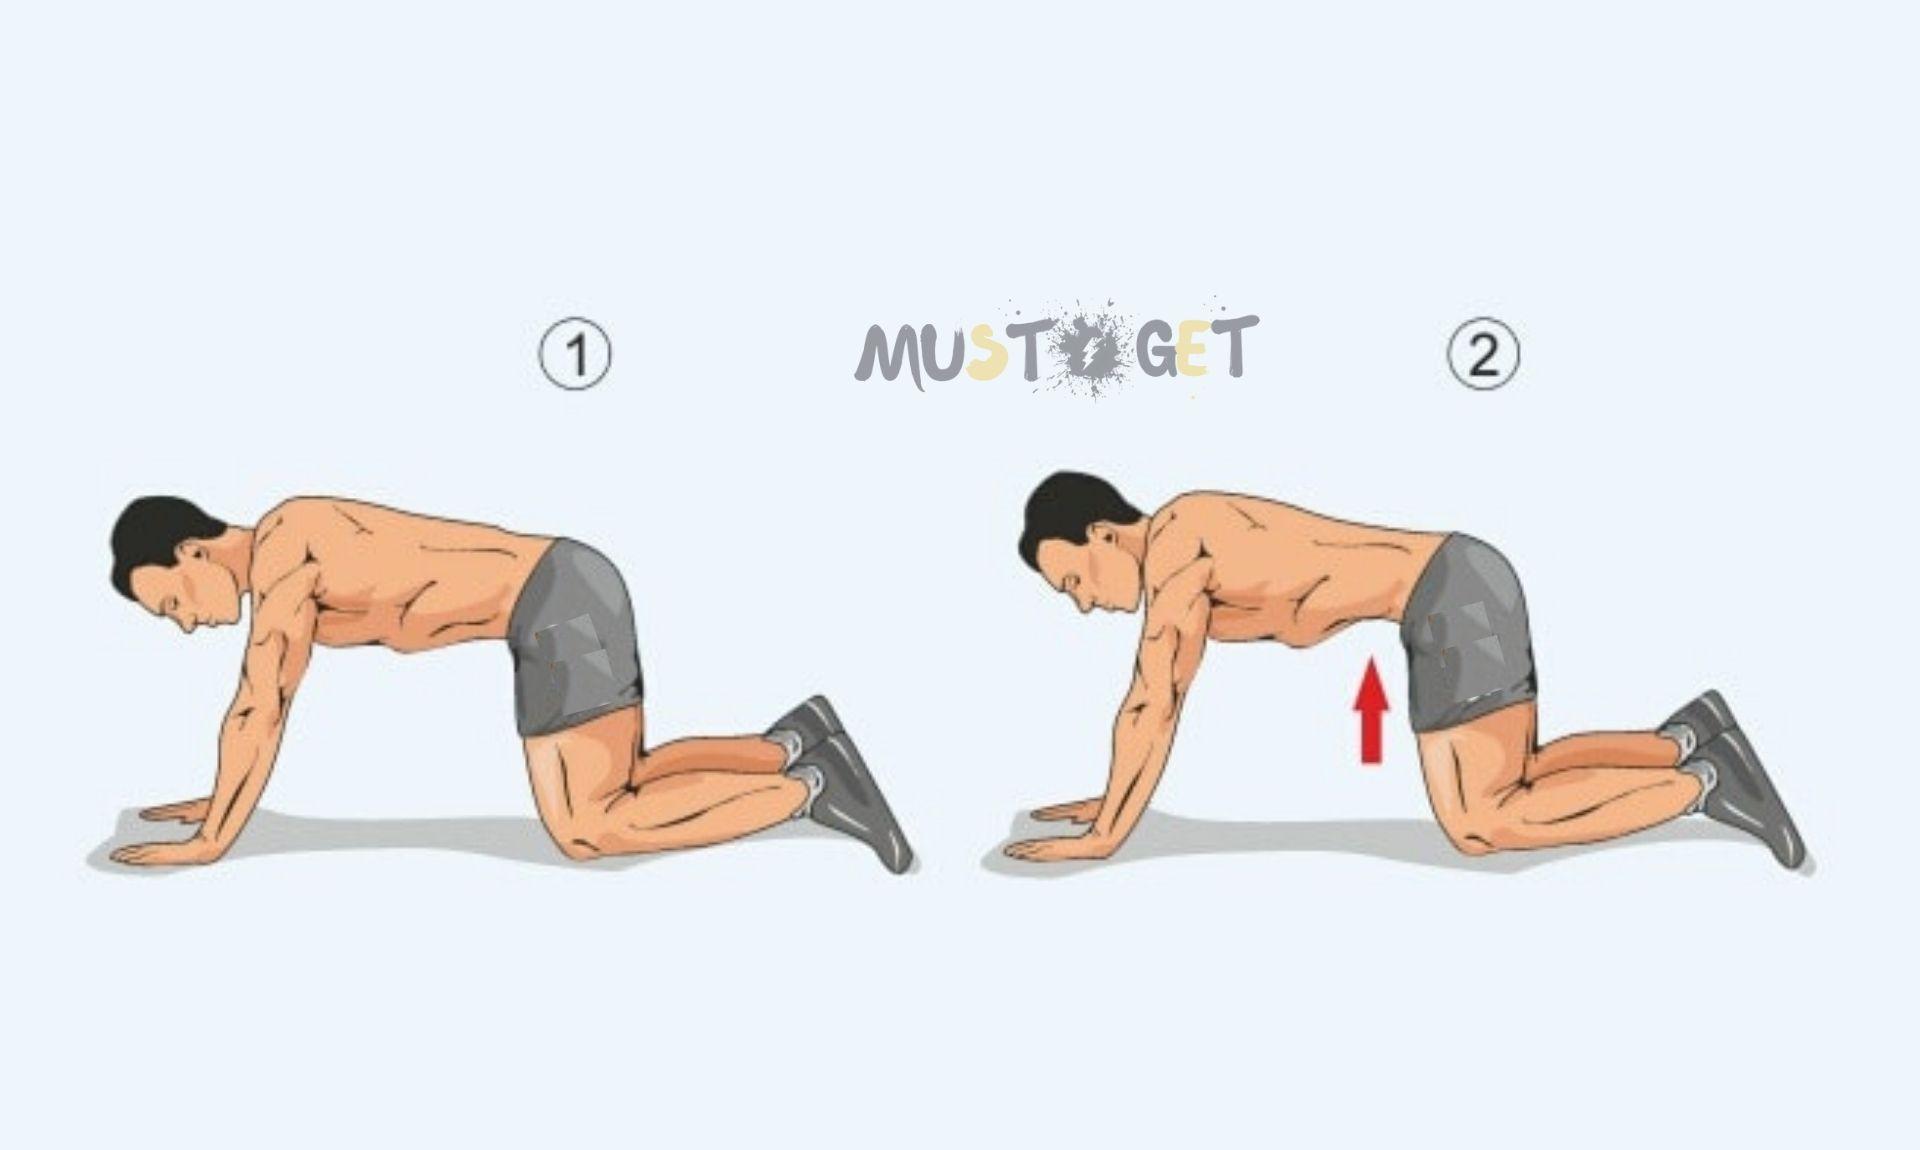 какие мышцы работают упражнения вакуум фото меня